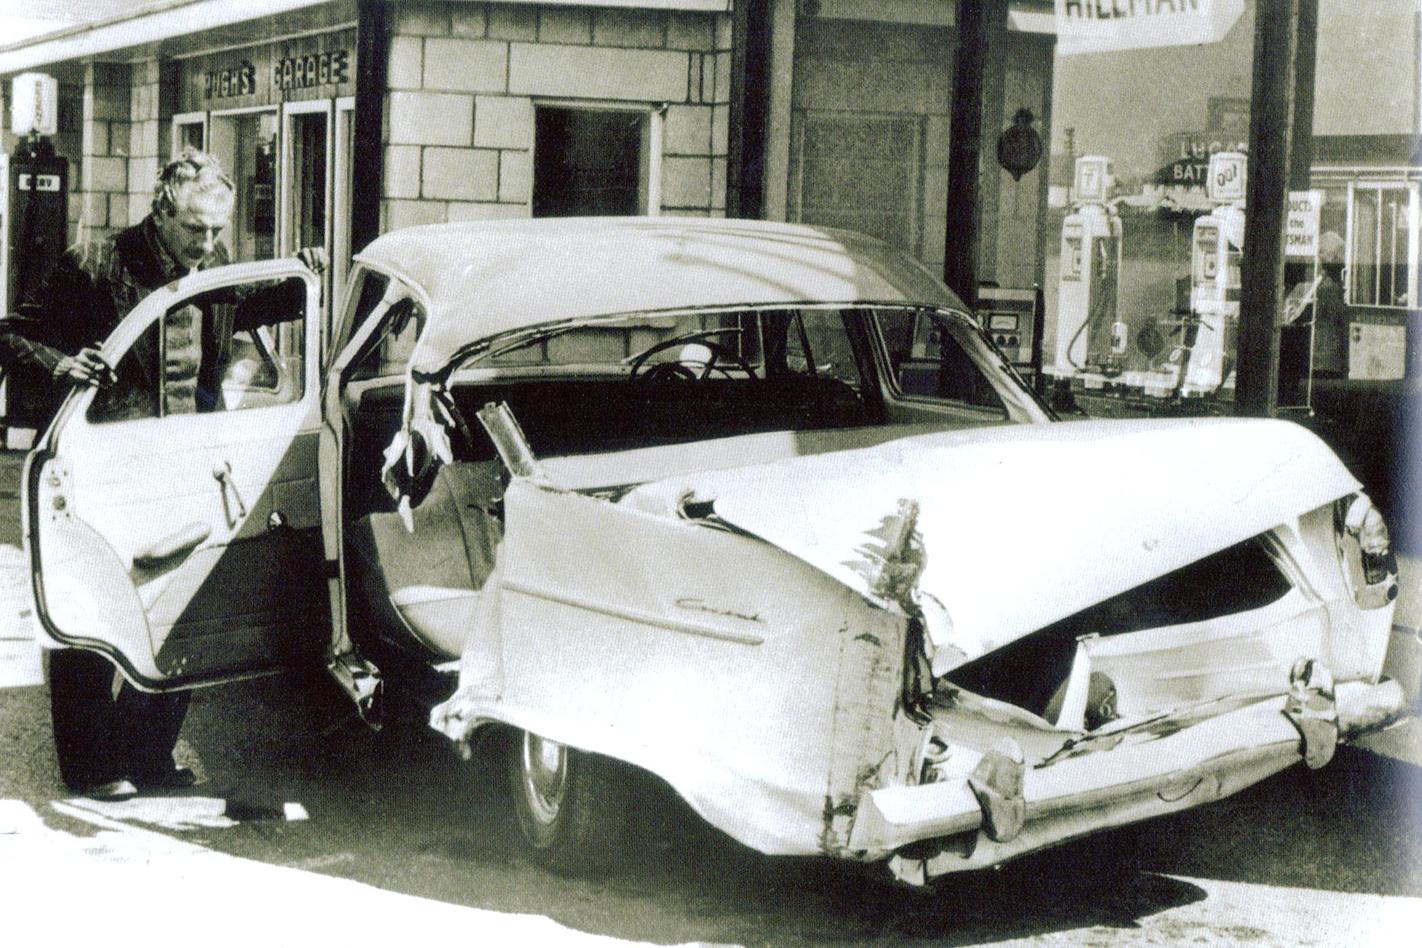 Eddie Cochran's Ford taxi